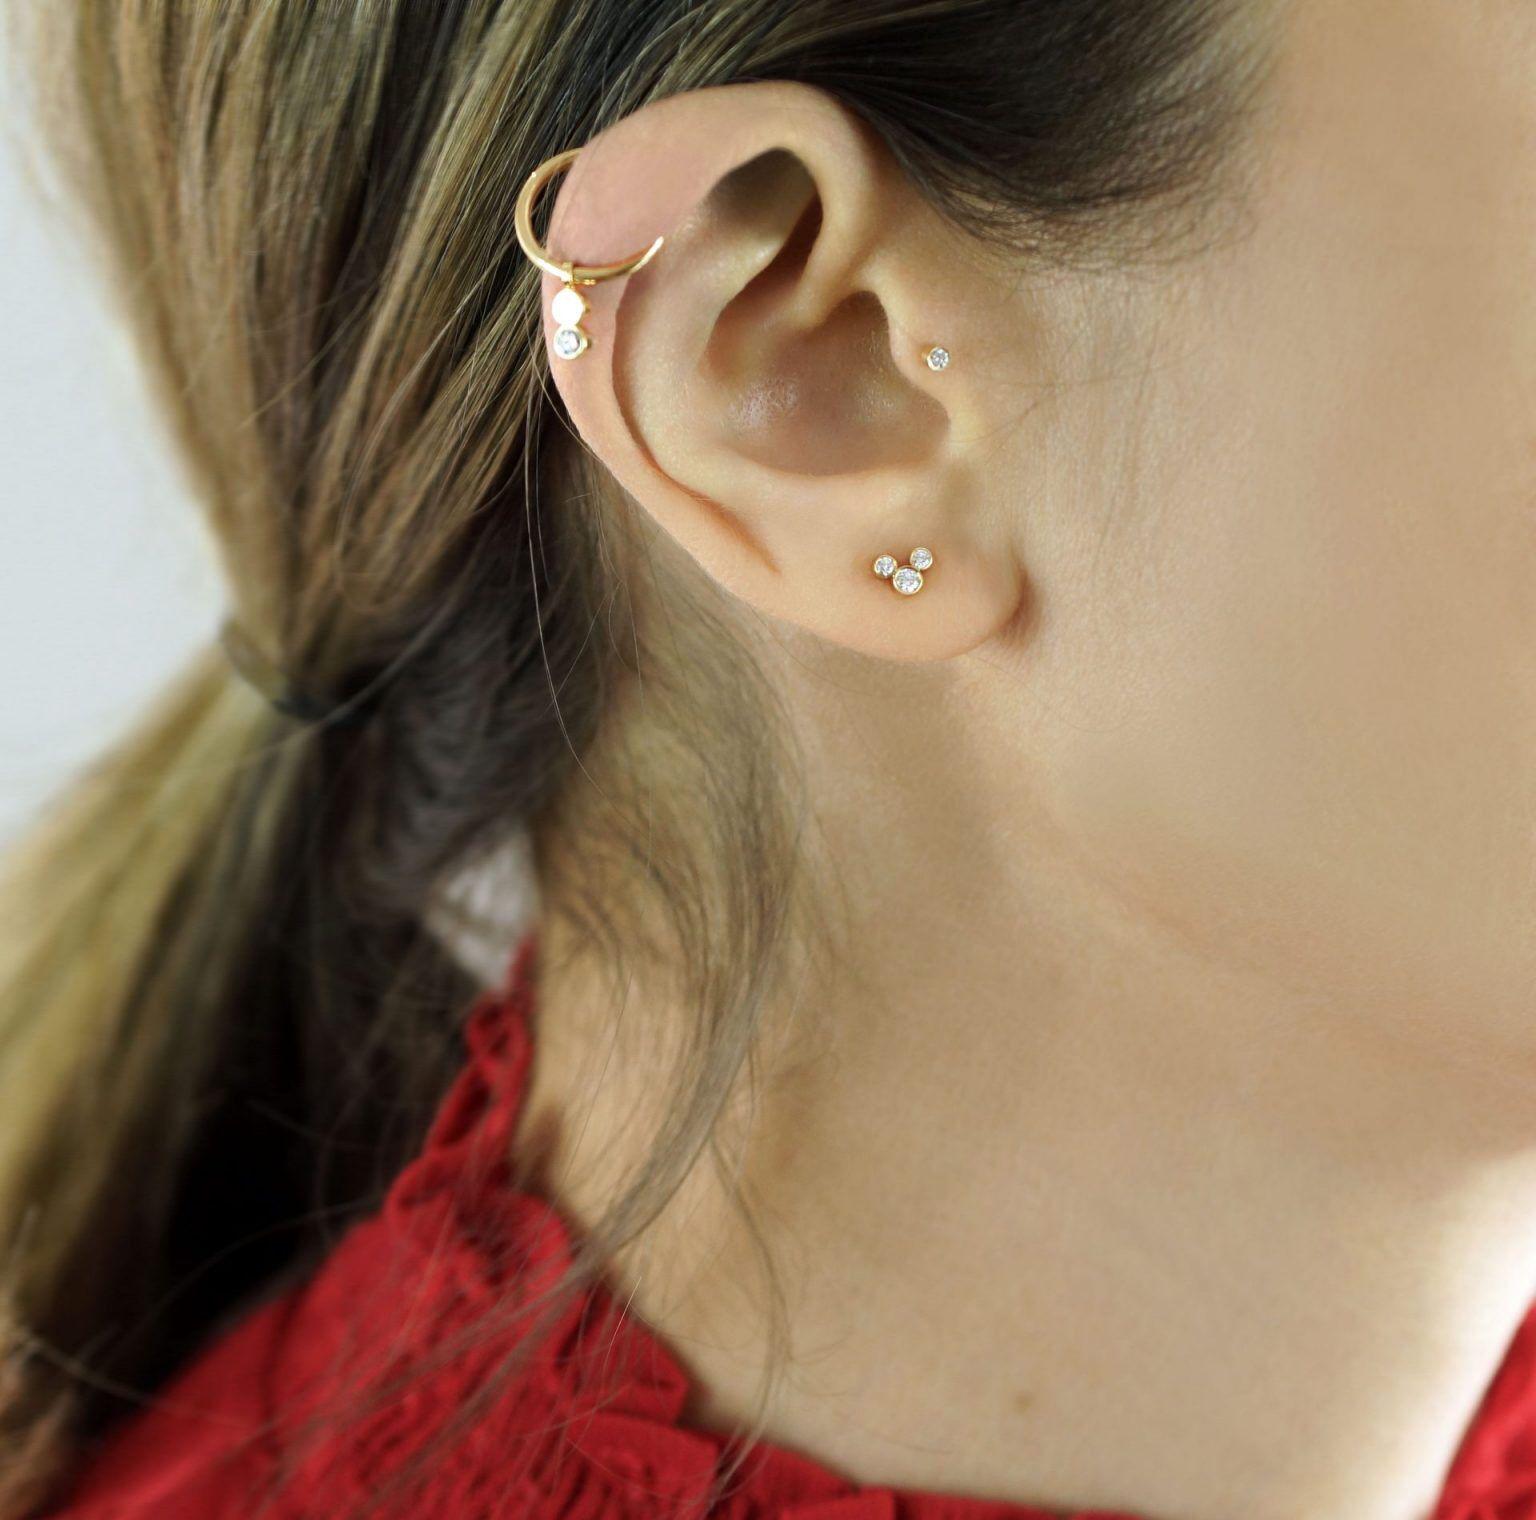 Luxury Piercing LENA COHEN in 2020 Ear piercings